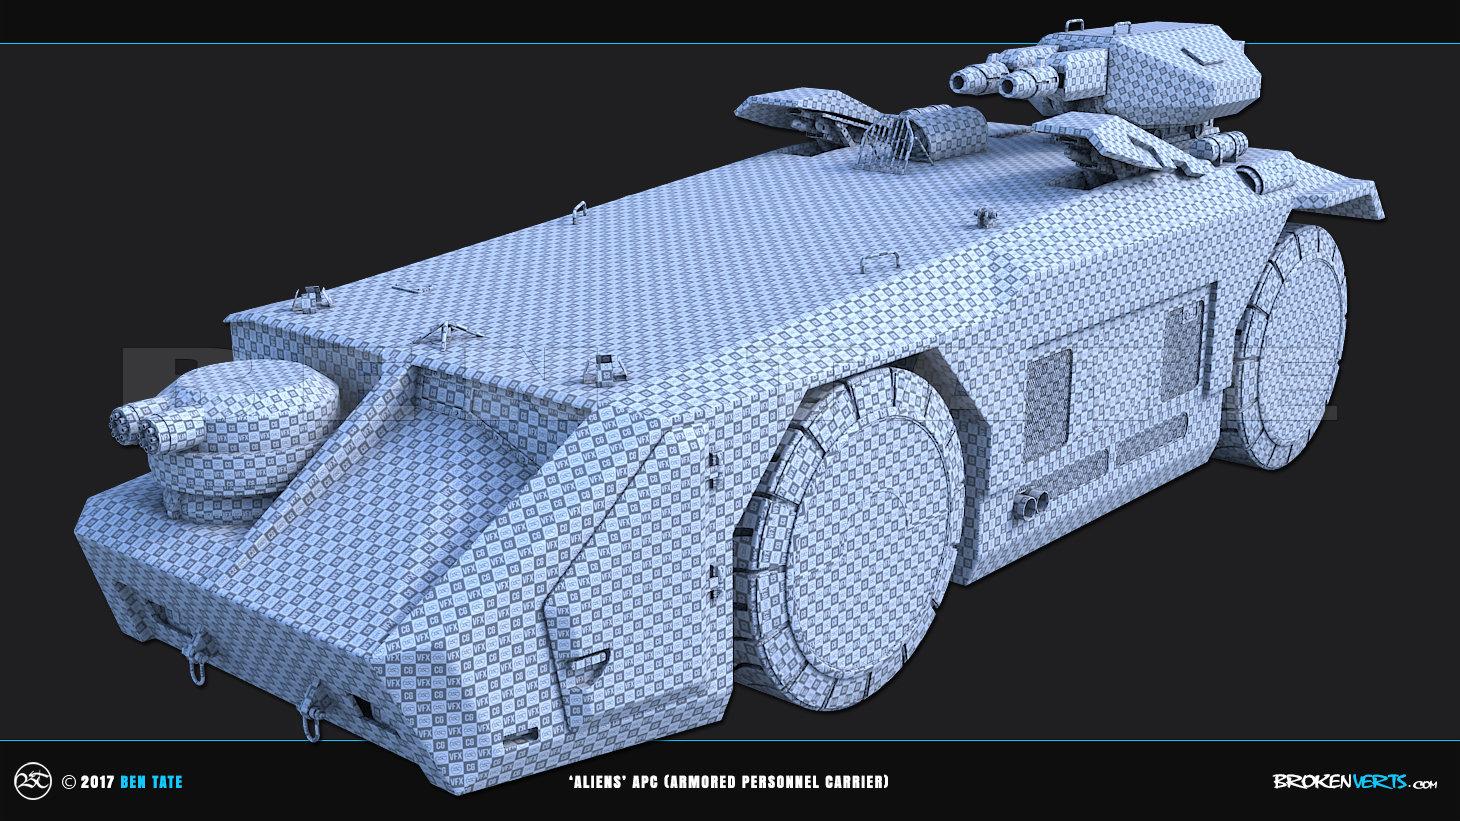 Ben Tate 3ds Max - Aliens APC UV Unwrap Model CG VFX